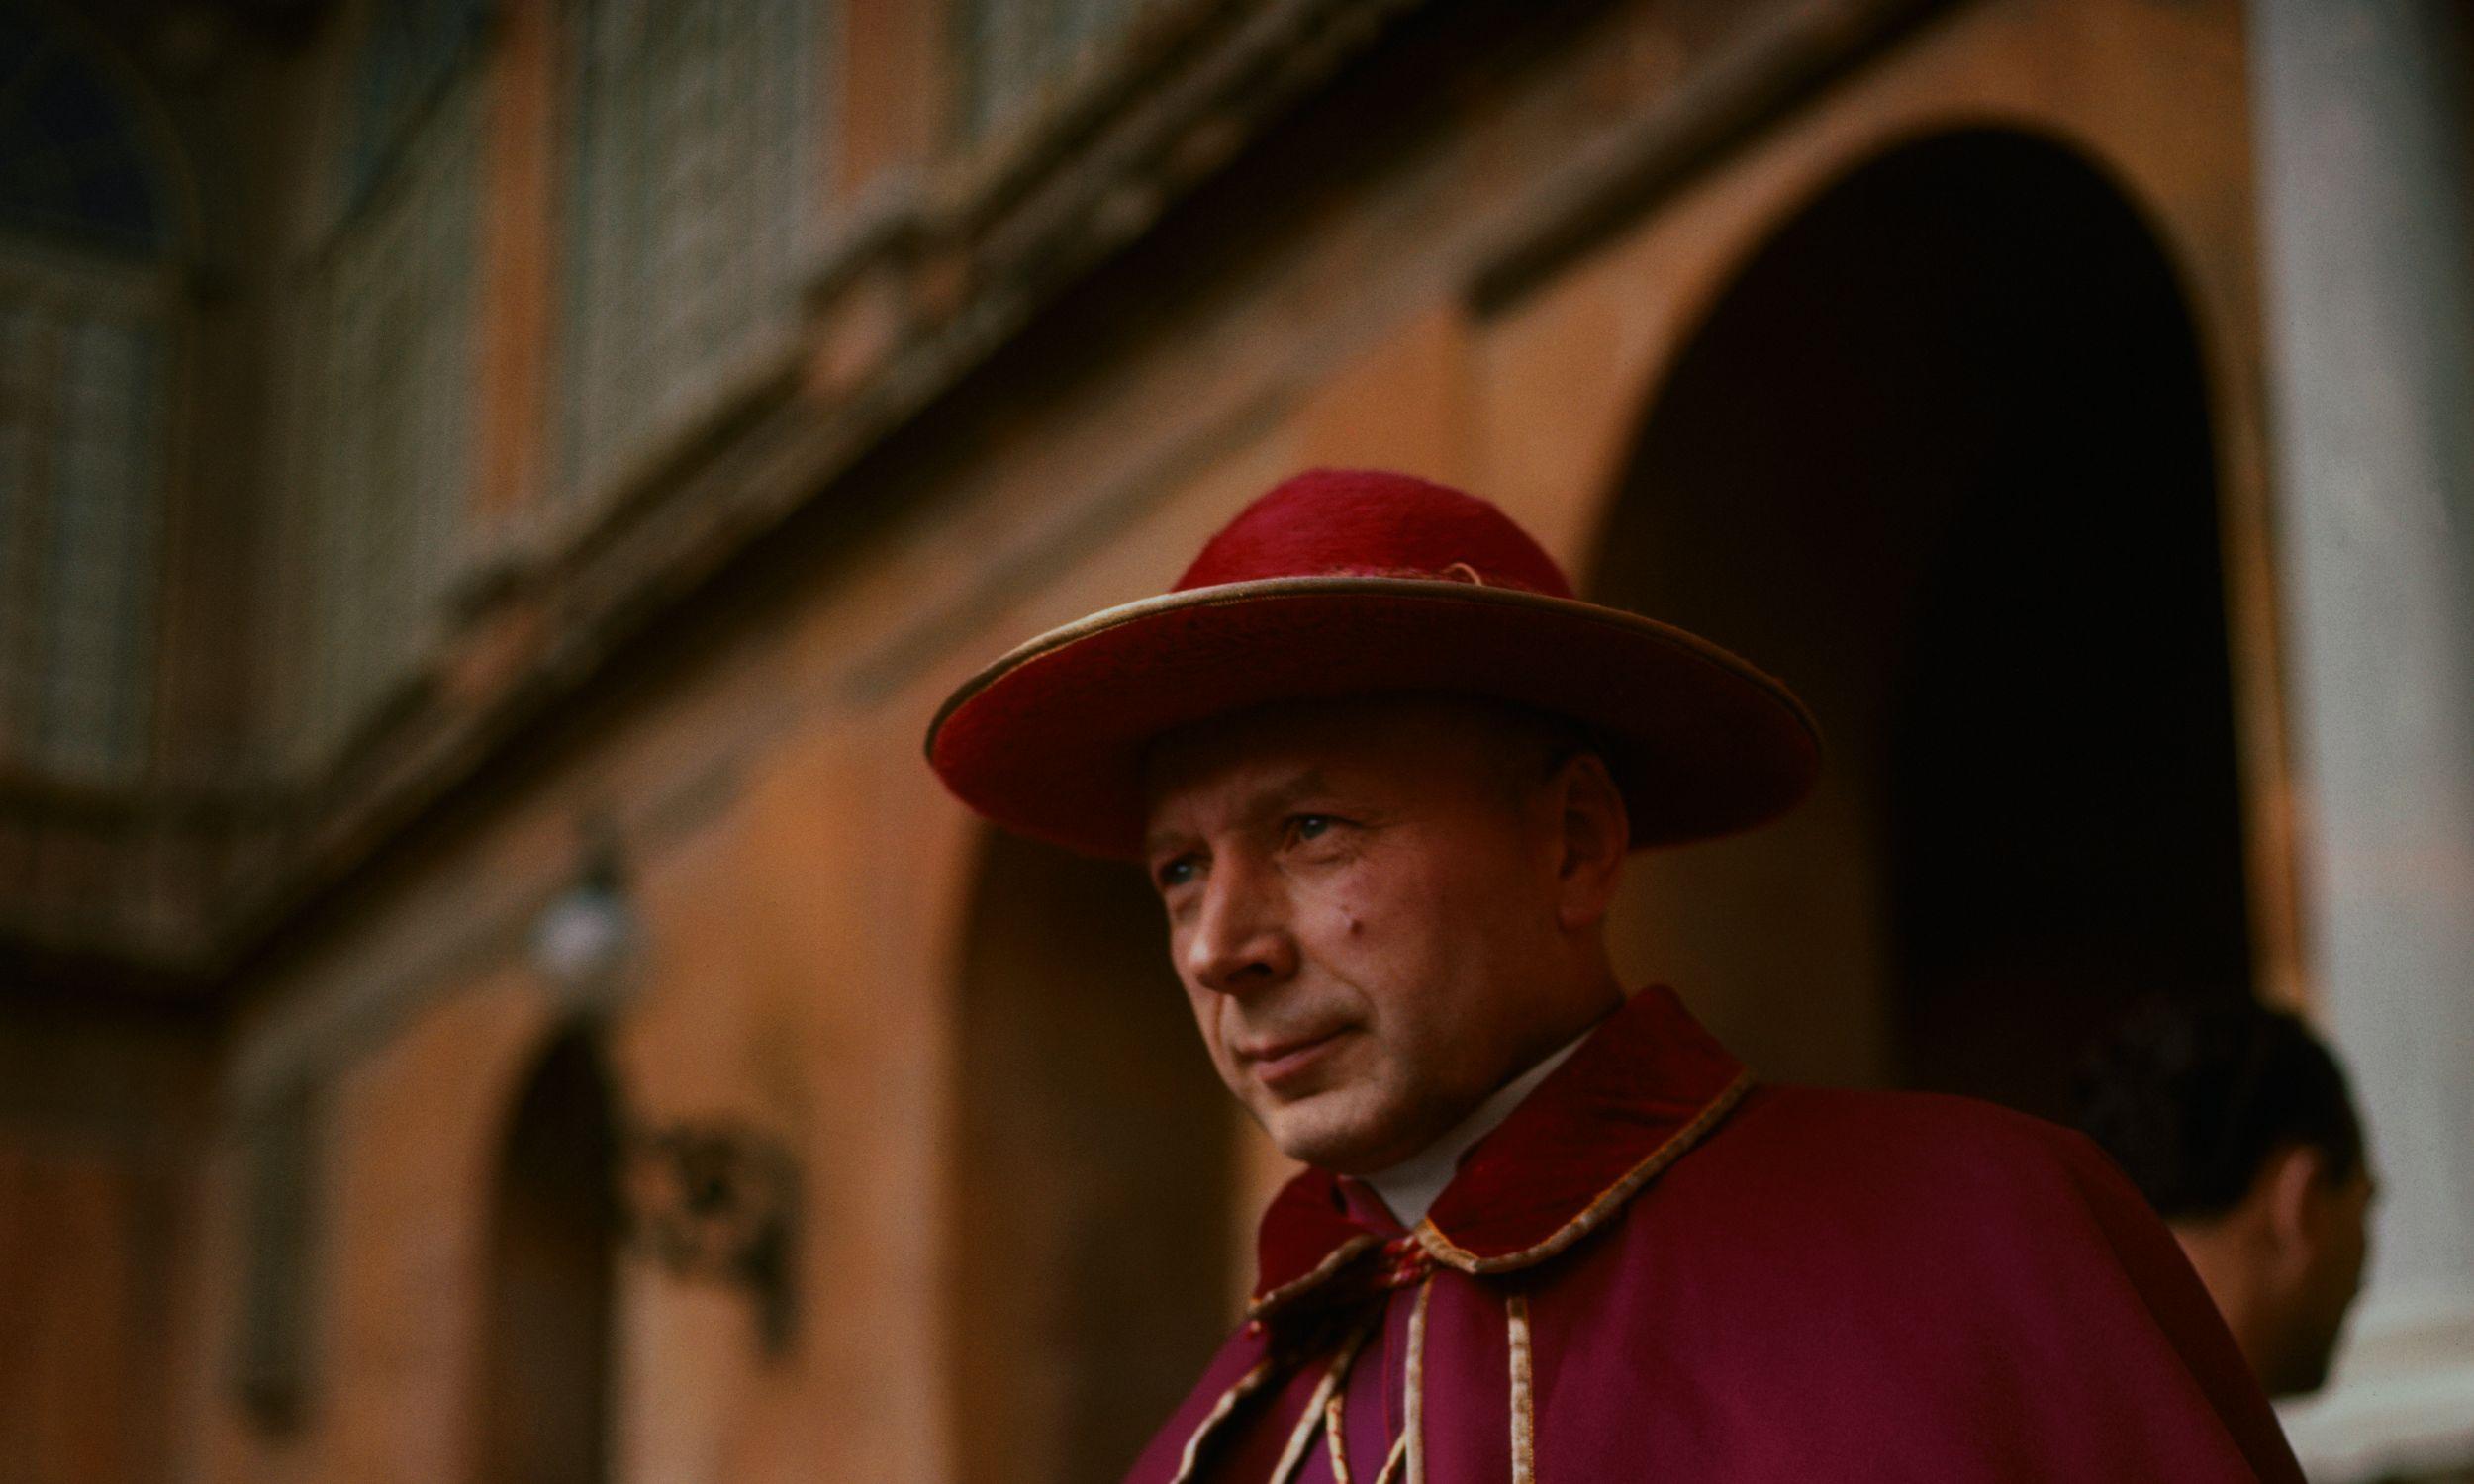 Podczas konklawe w 1958 roku kardynał Stefan Wyszyński otrzymał kilka głosów. Fot. Getty Images/Bettman